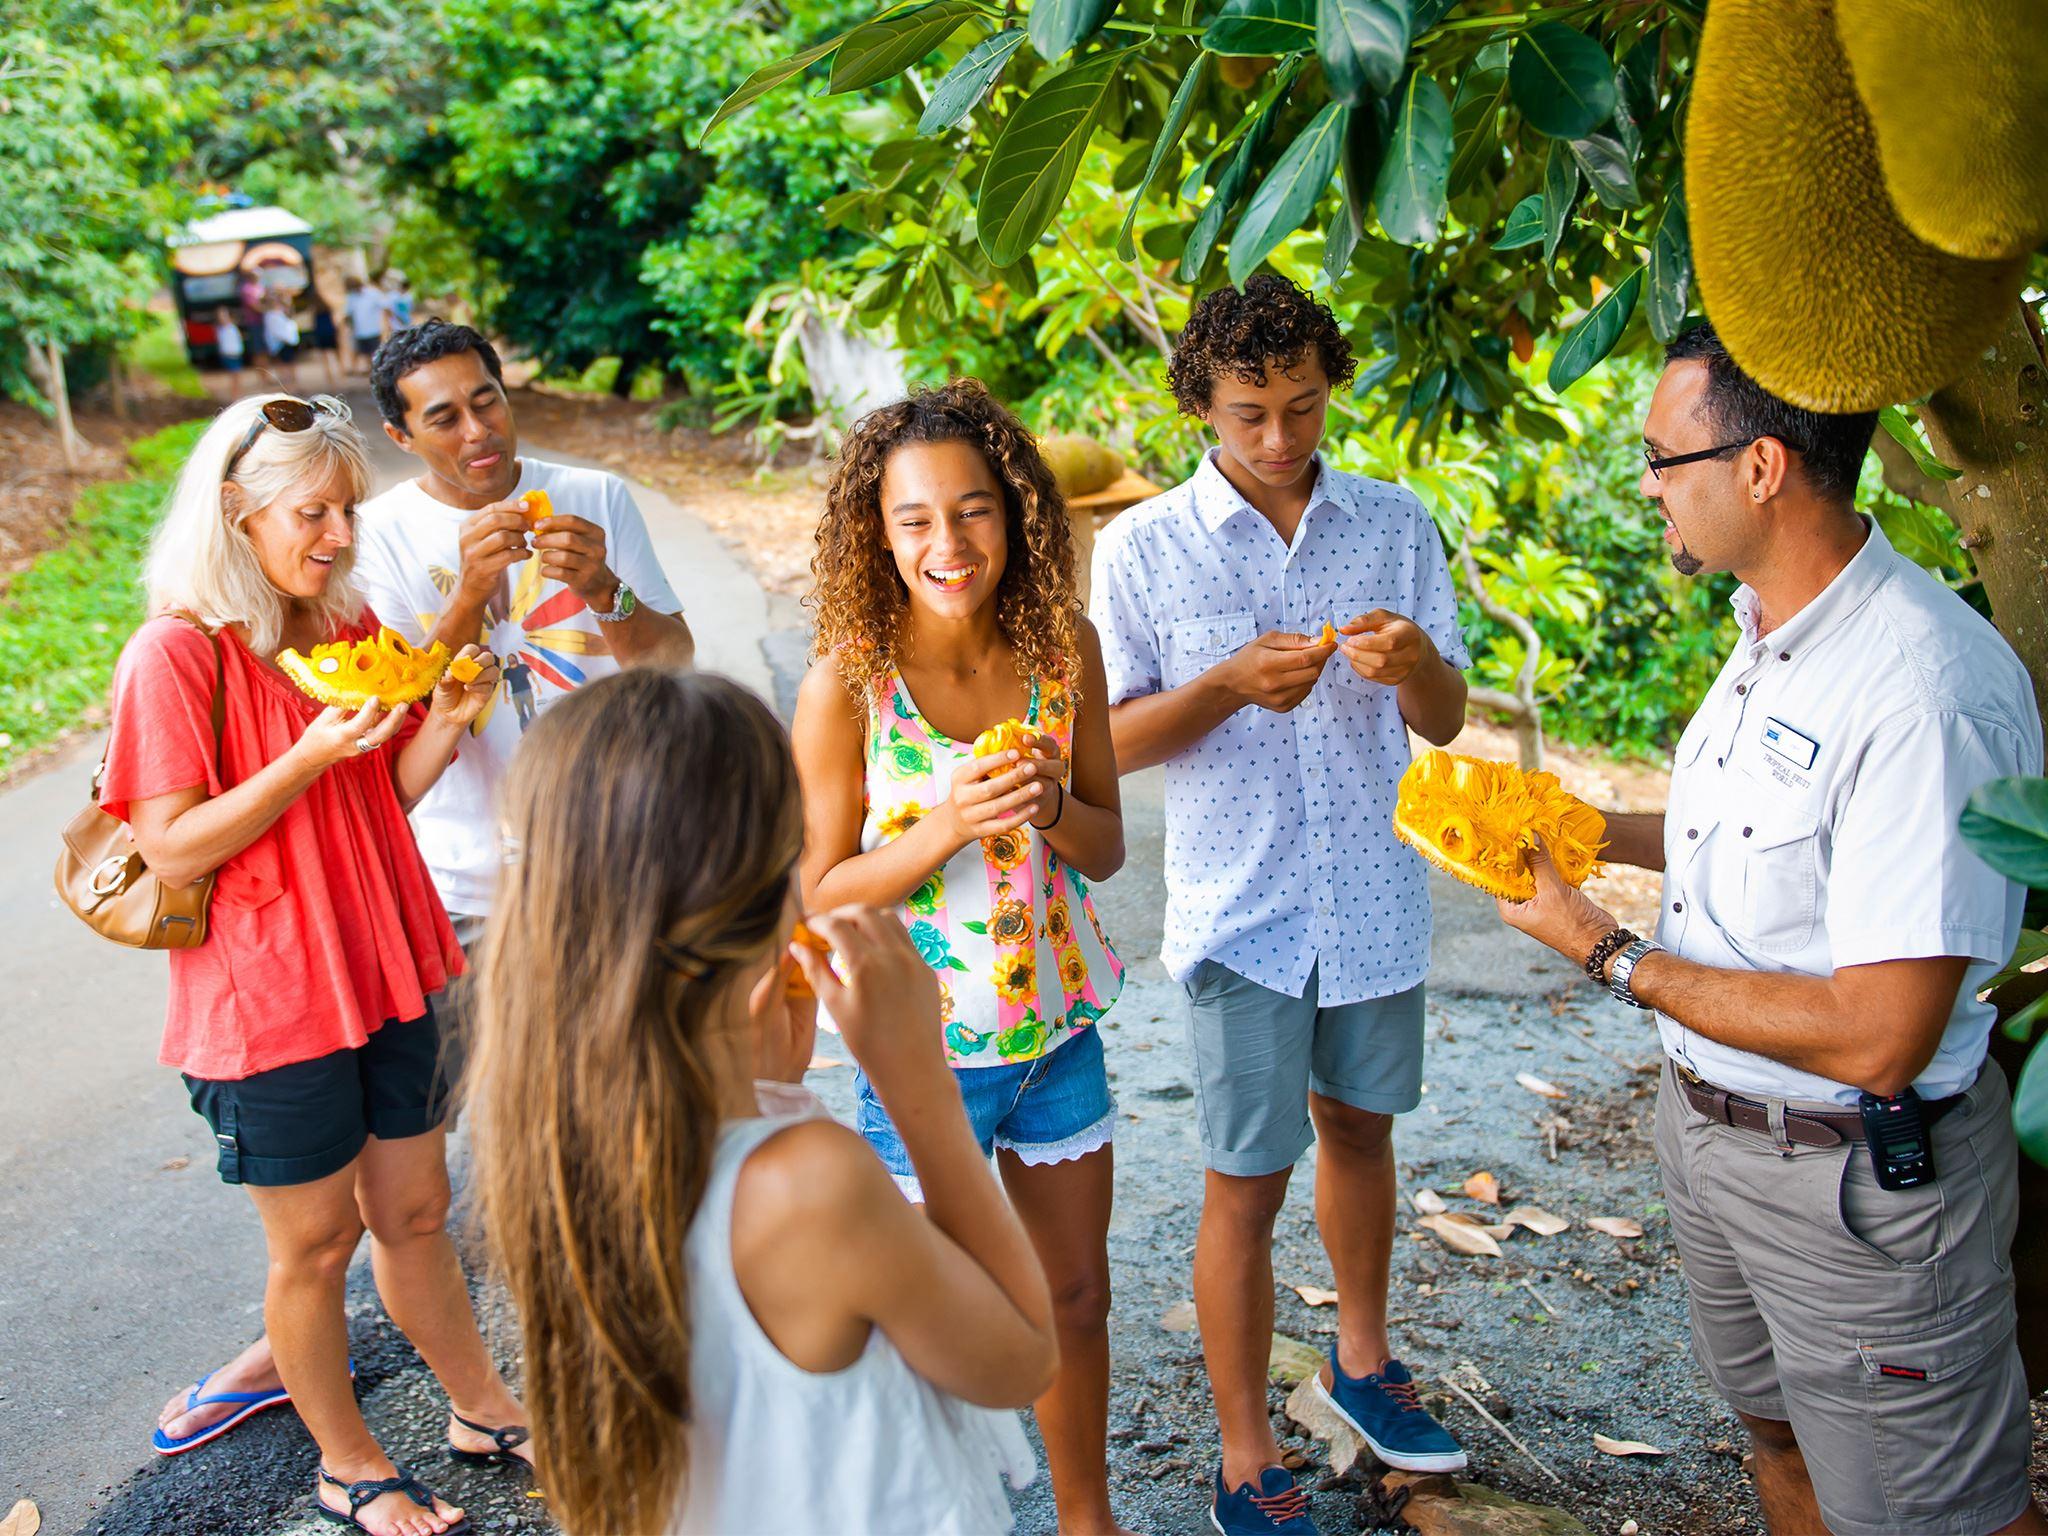 tropical-fruit-world-9814778.jpg